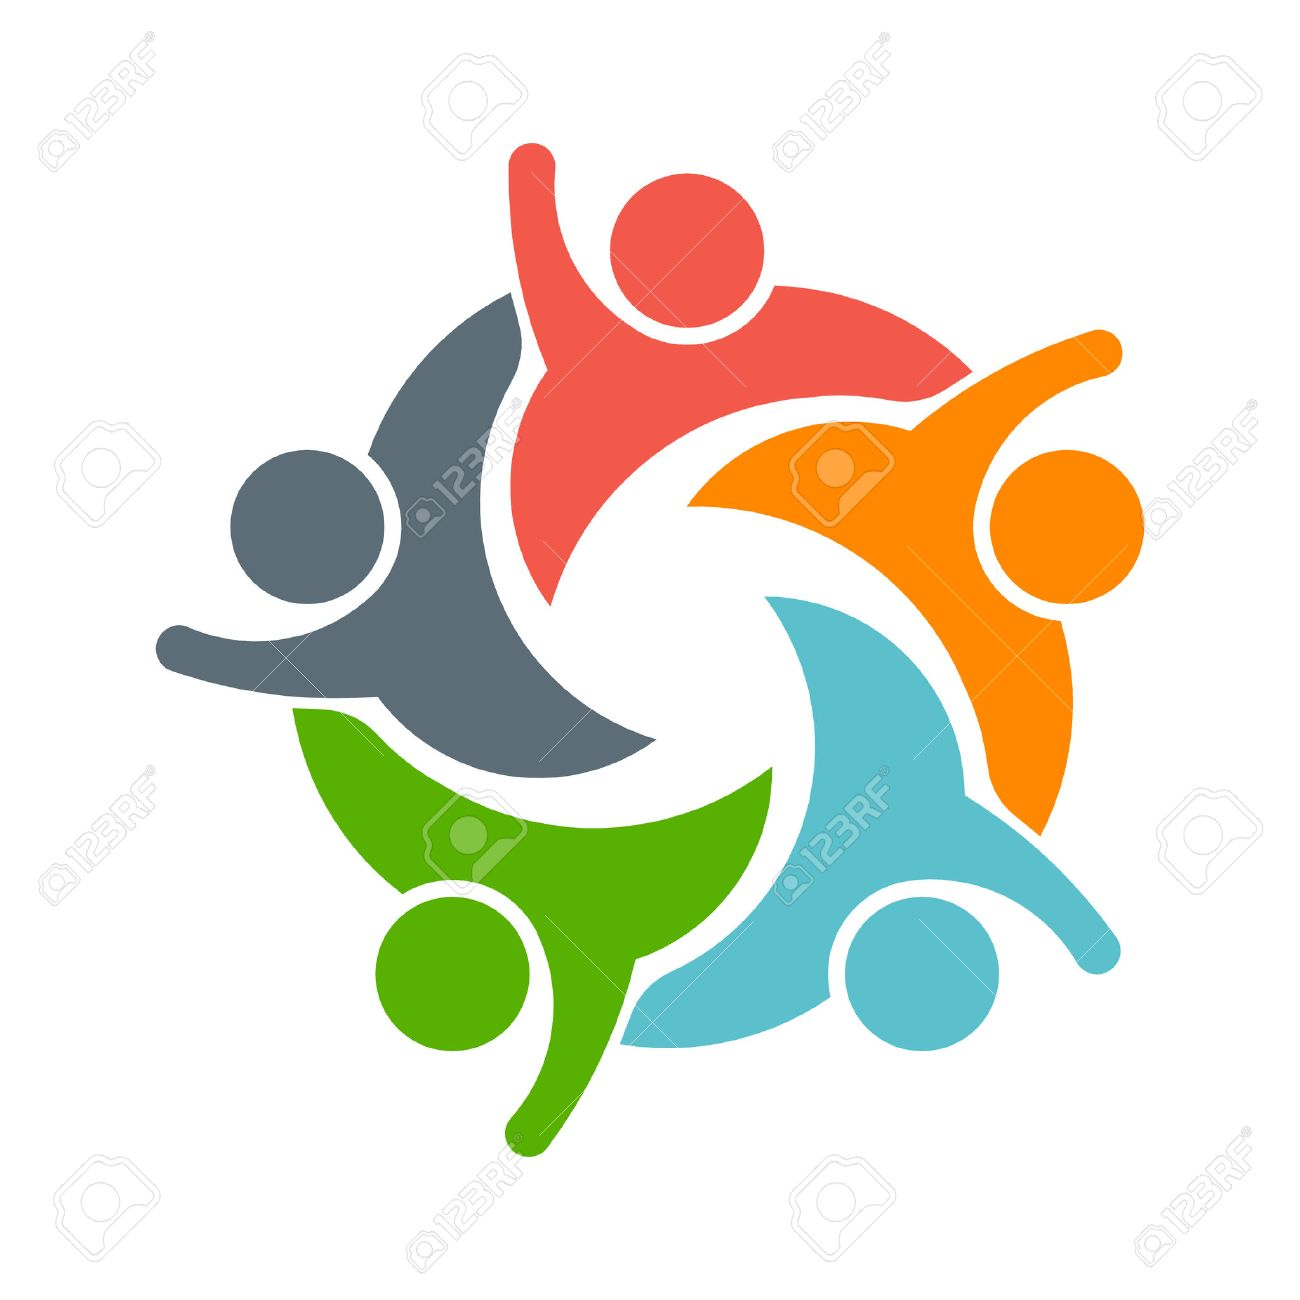 Logo Teamwork persone. Immagine di cinque persone Archivio Fotografico - 43475654